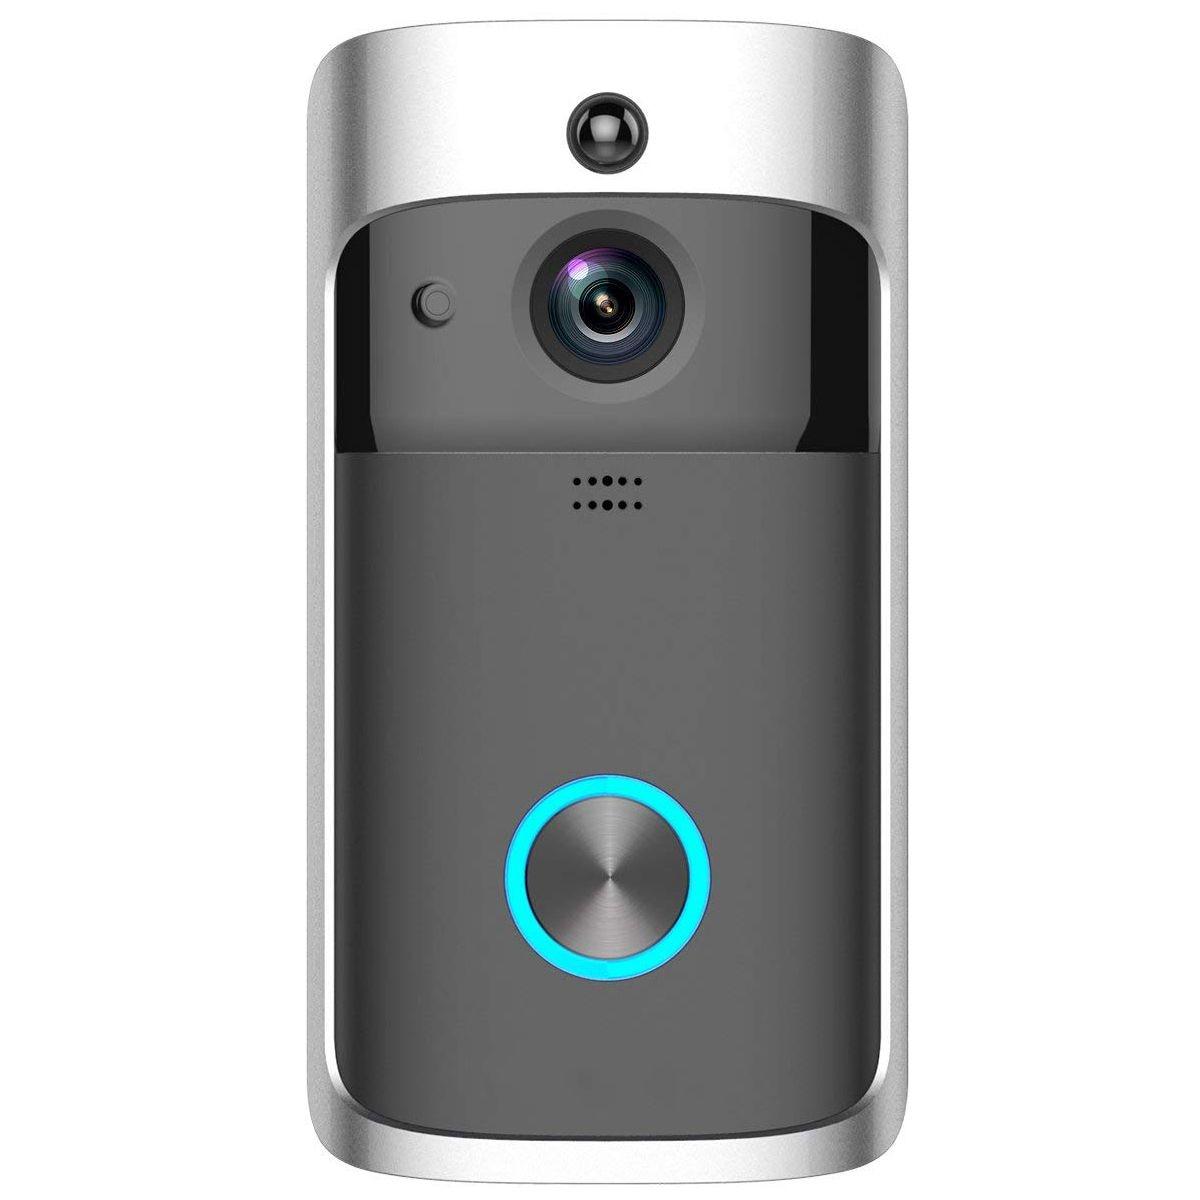 MOOL WiFi vidéo sonnette 720 P Smart Home sécurité caméra 2 voies Audio, Vision nocturne, objectif grand Angle, batterie puissance longue stand